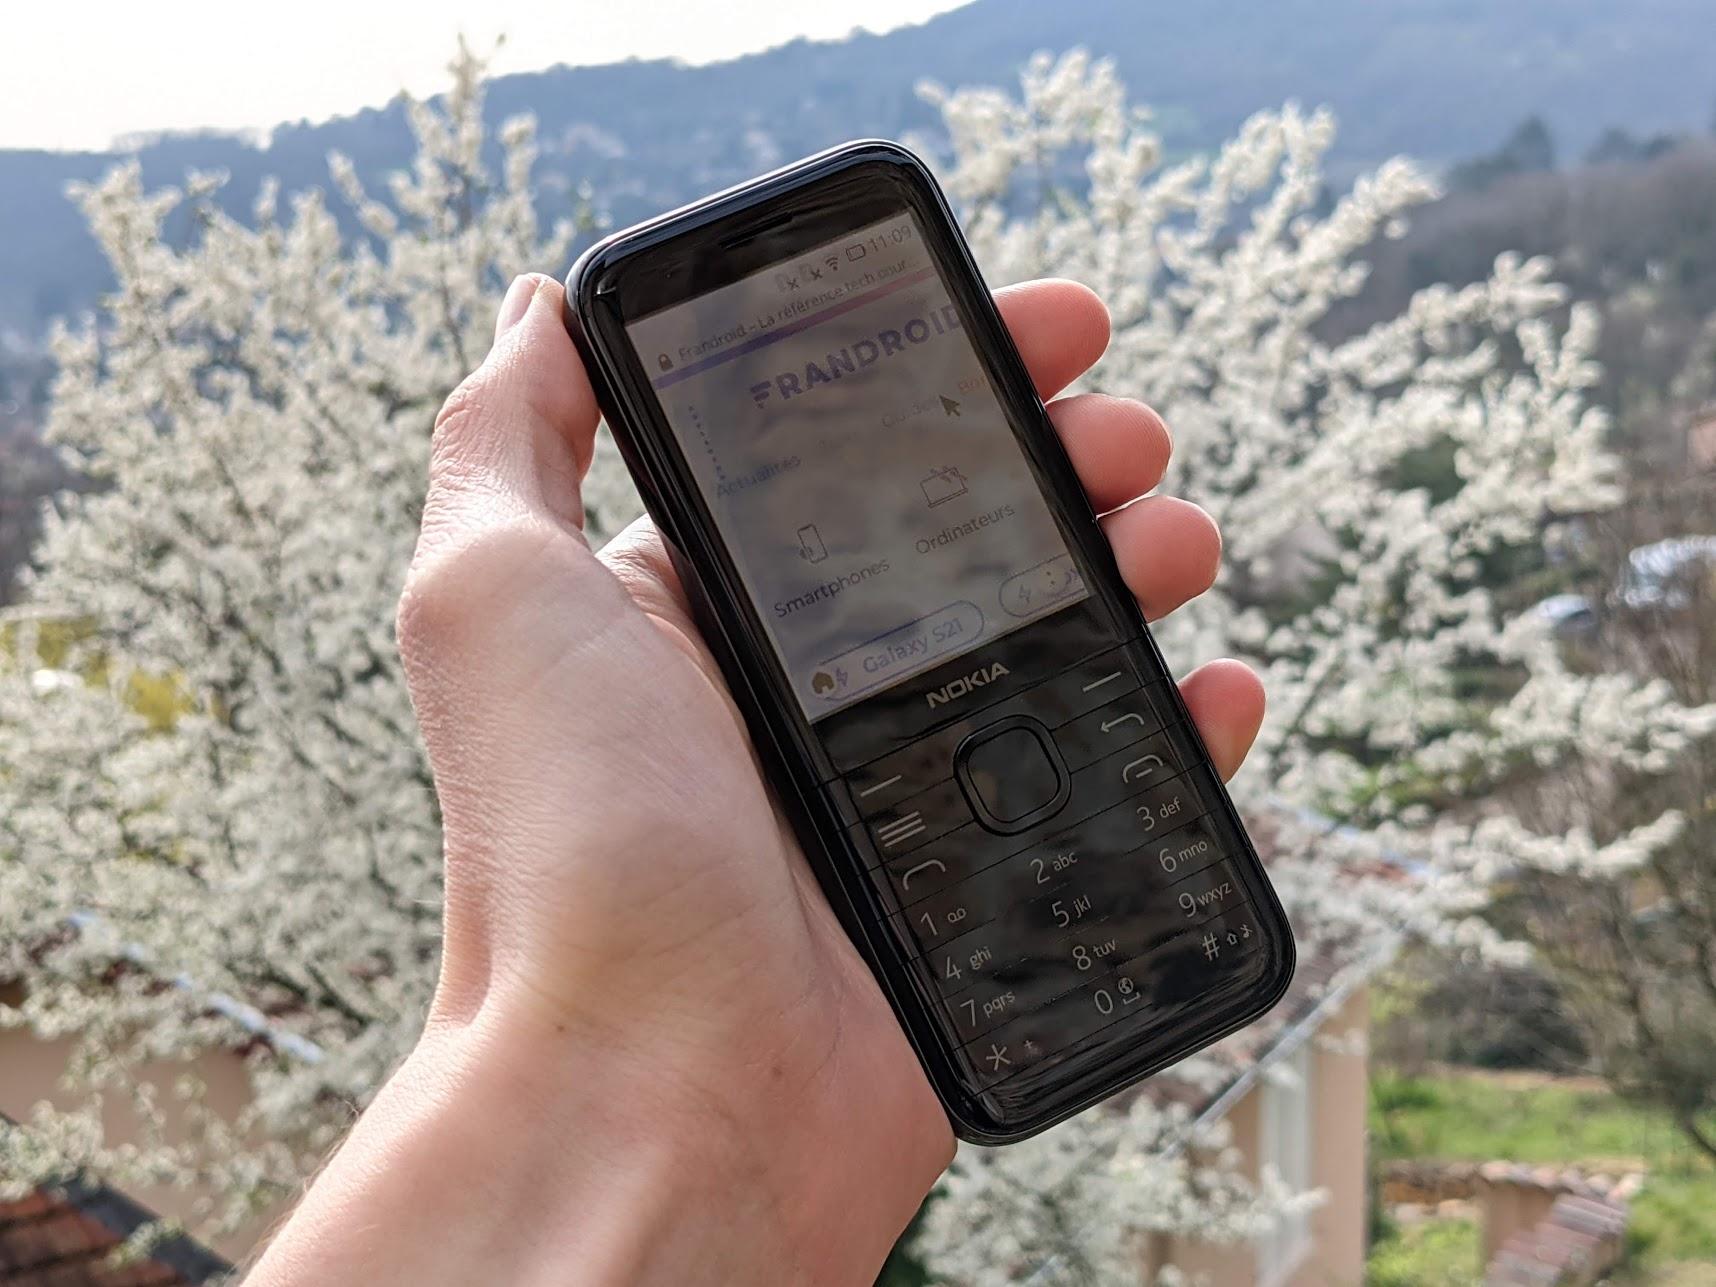 Test du Nokia 8000 (4G) : relique 2.0 ou véritable outil de détox numérique ?